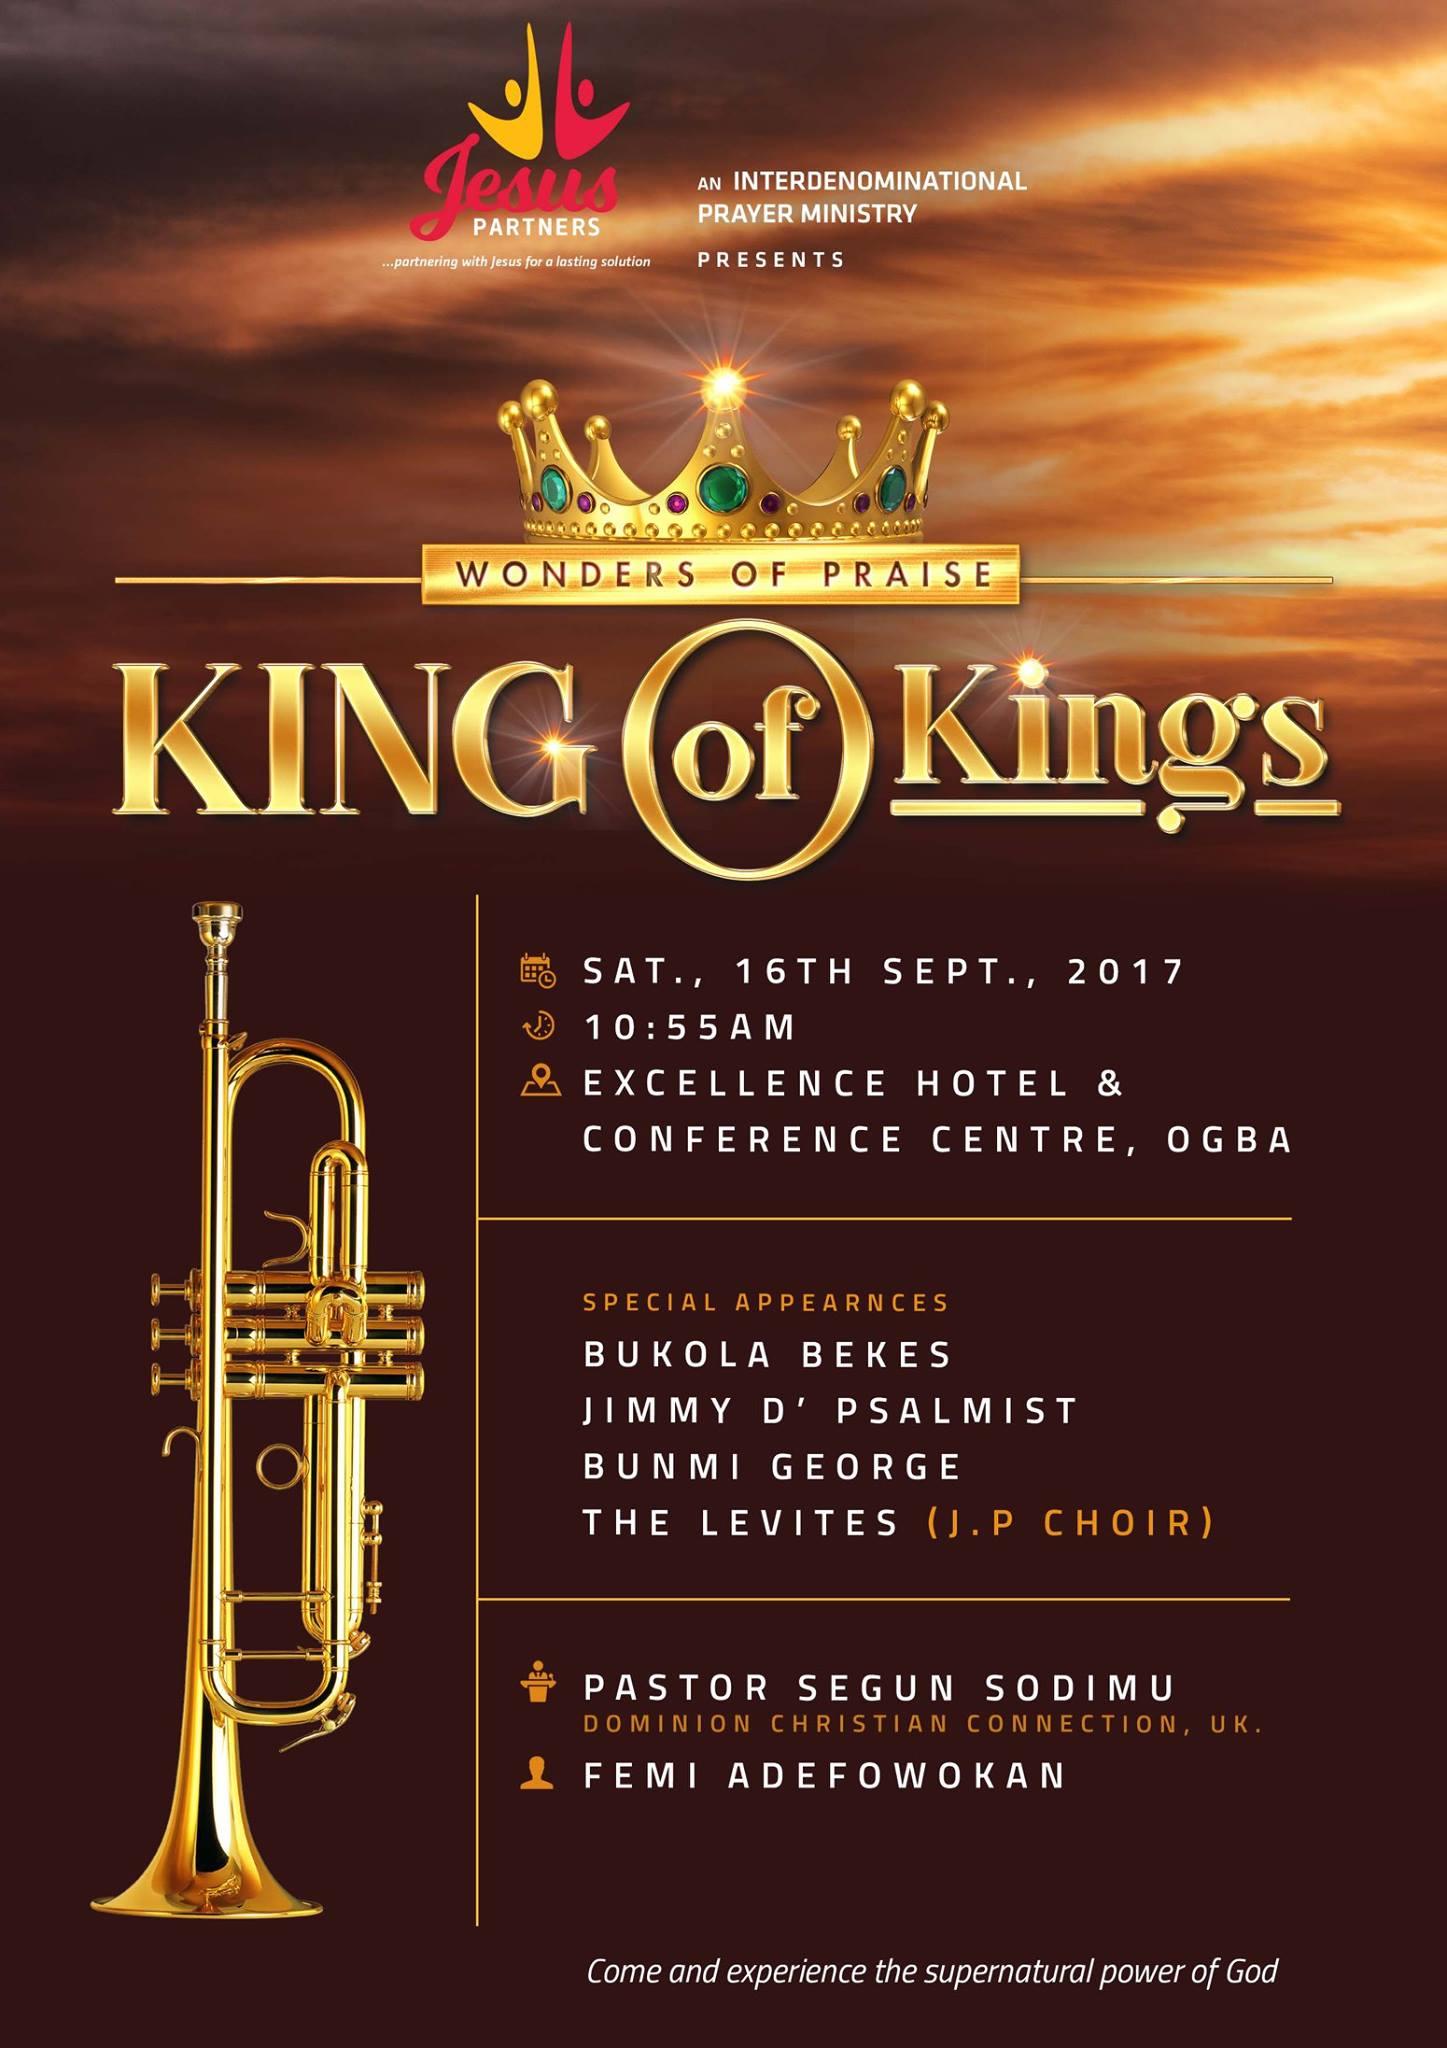 Wonders of Praise 9 - KING of Kings